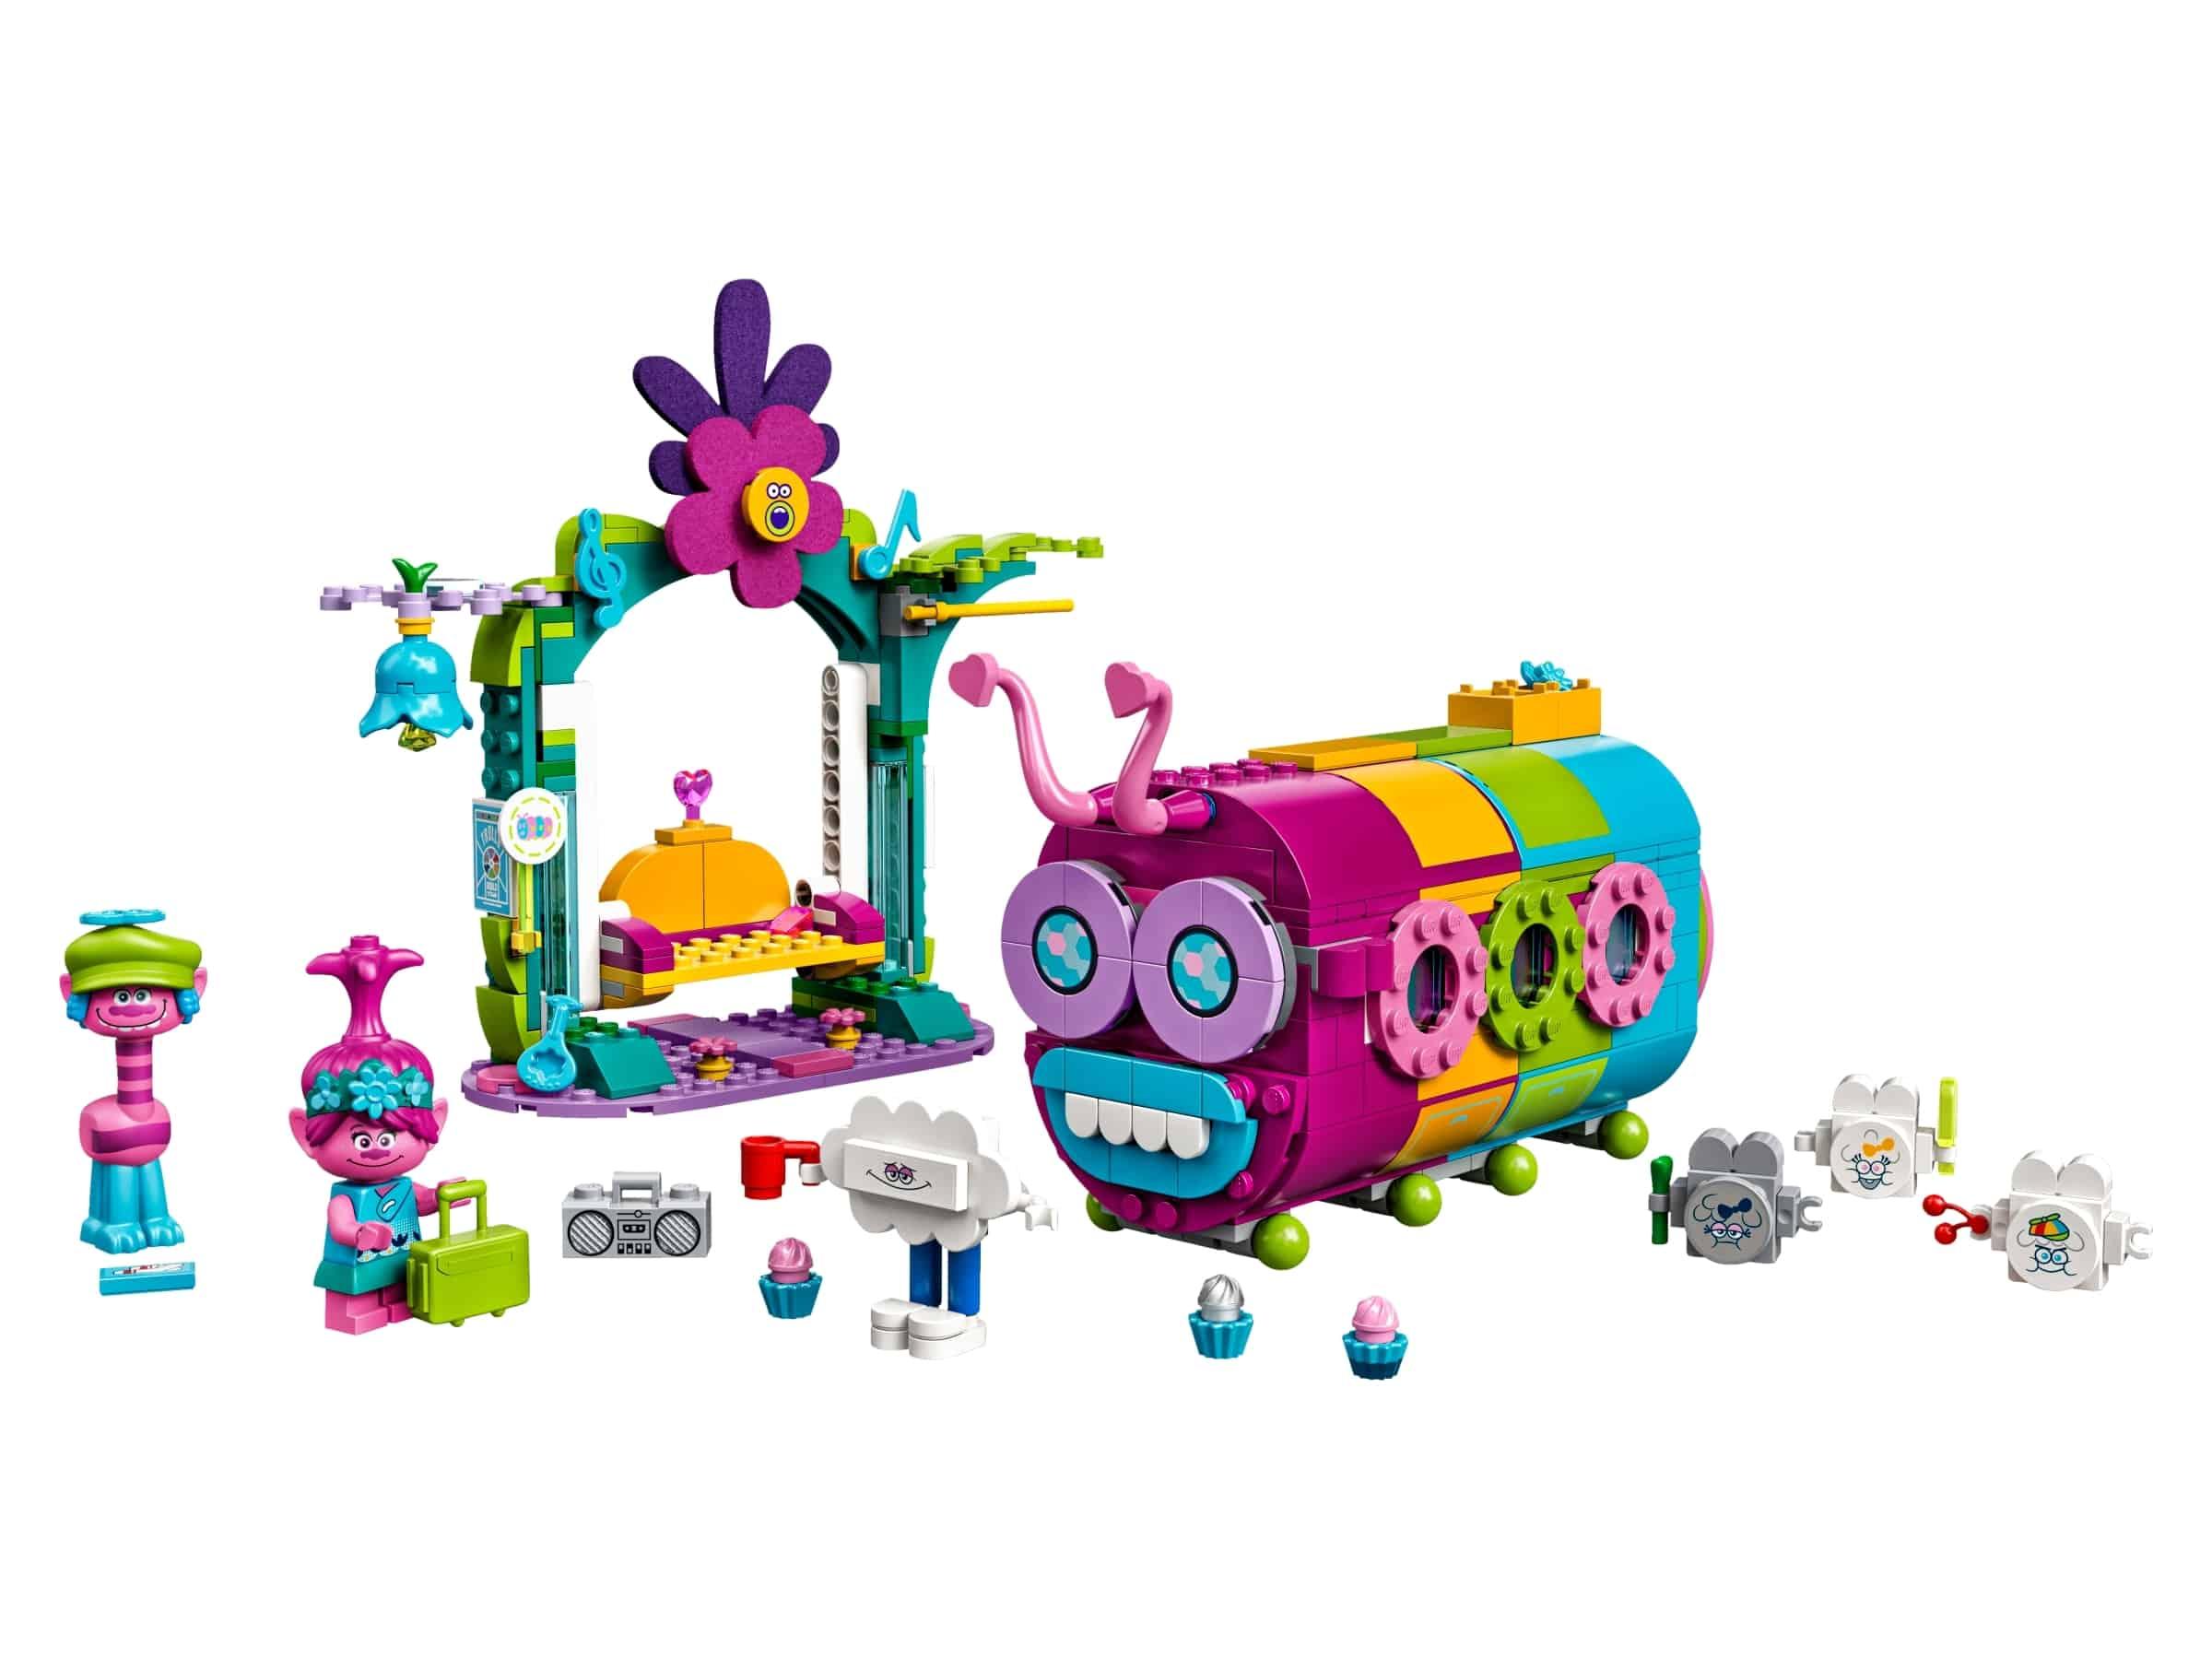 lego regenboogrupsbus 41256